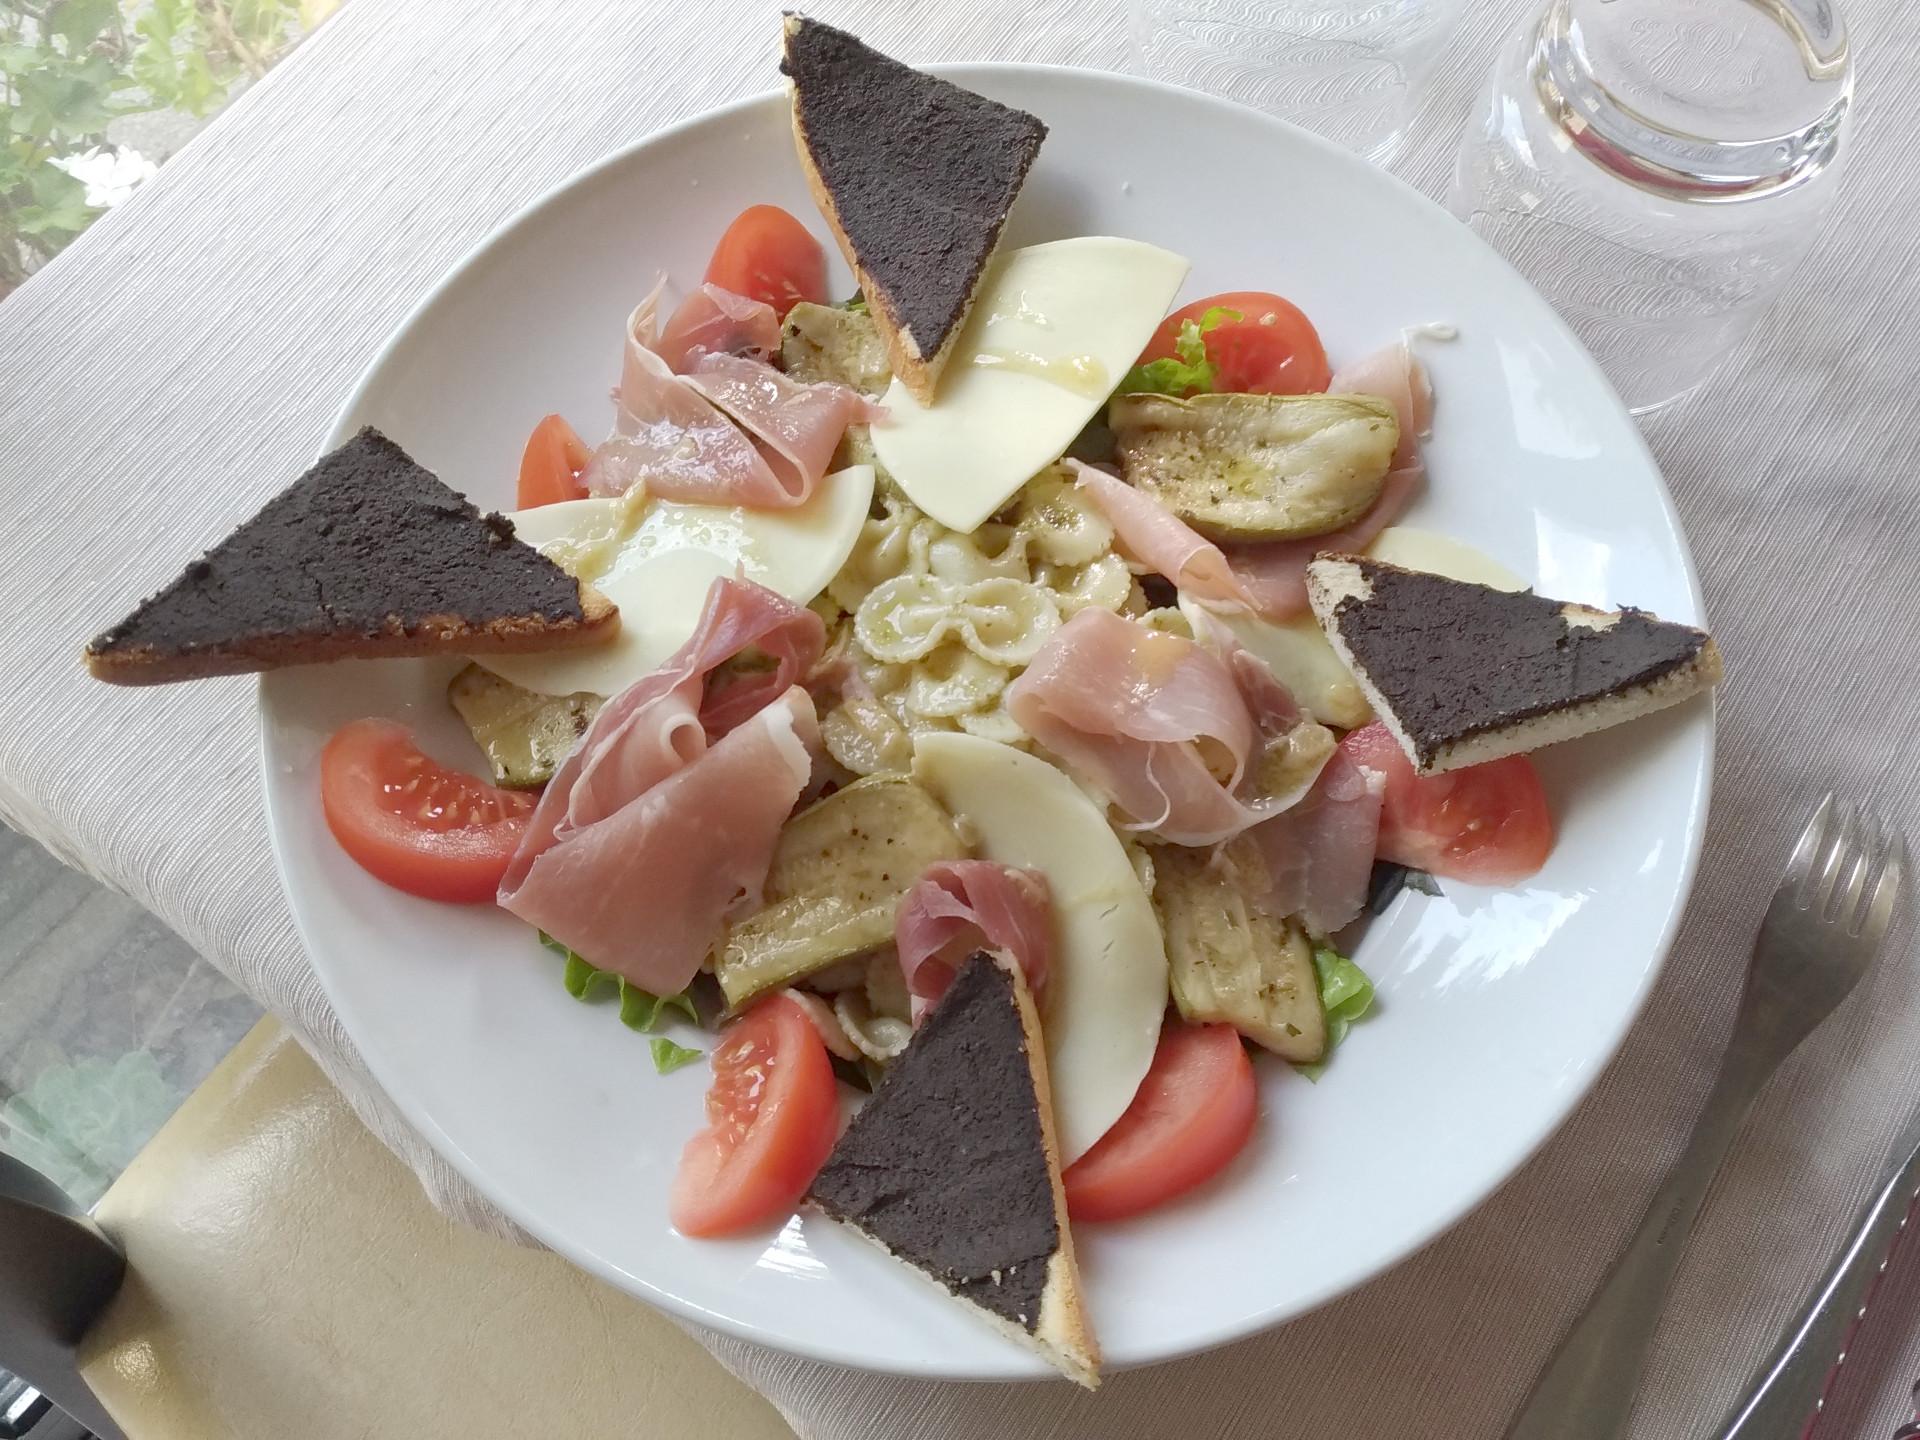 Vente à emporter à Pontivy salade italienne